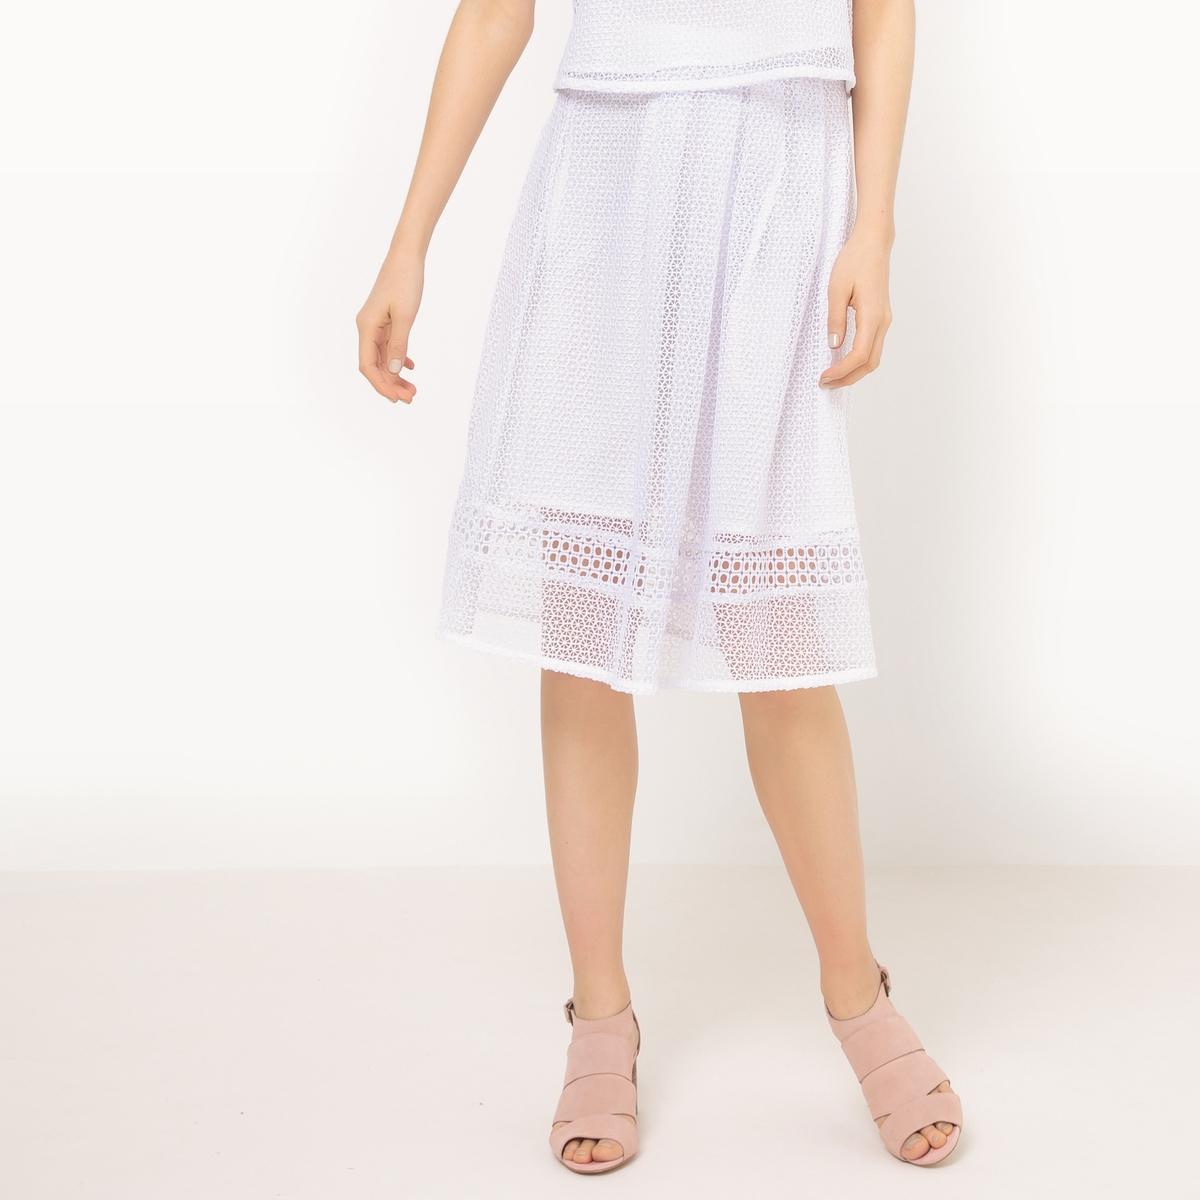 Юбка-мидиМатериал : 100% полиэстер       Рисунок : Однотонная модель      Длина юбки : удлиненная модель.      Особенность материала : Кружево      Особенность юбки : ажурный трикотаж      Стирка : ручная стирка      Уход : Температура глажки низкая / не отбеливать     Машинная сушка : машинная сушка запрещена      Глажка : Сухая (химическая) чистка запрещена<br><br>Цвет: белый,черный<br>Размер: 34 (FR) - 40 (RUS).42 (FR) - 48 (RUS).44 (FR) - 50 (RUS).38 (FR) - 44 (RUS).46 (FR) - 52 (RUS)